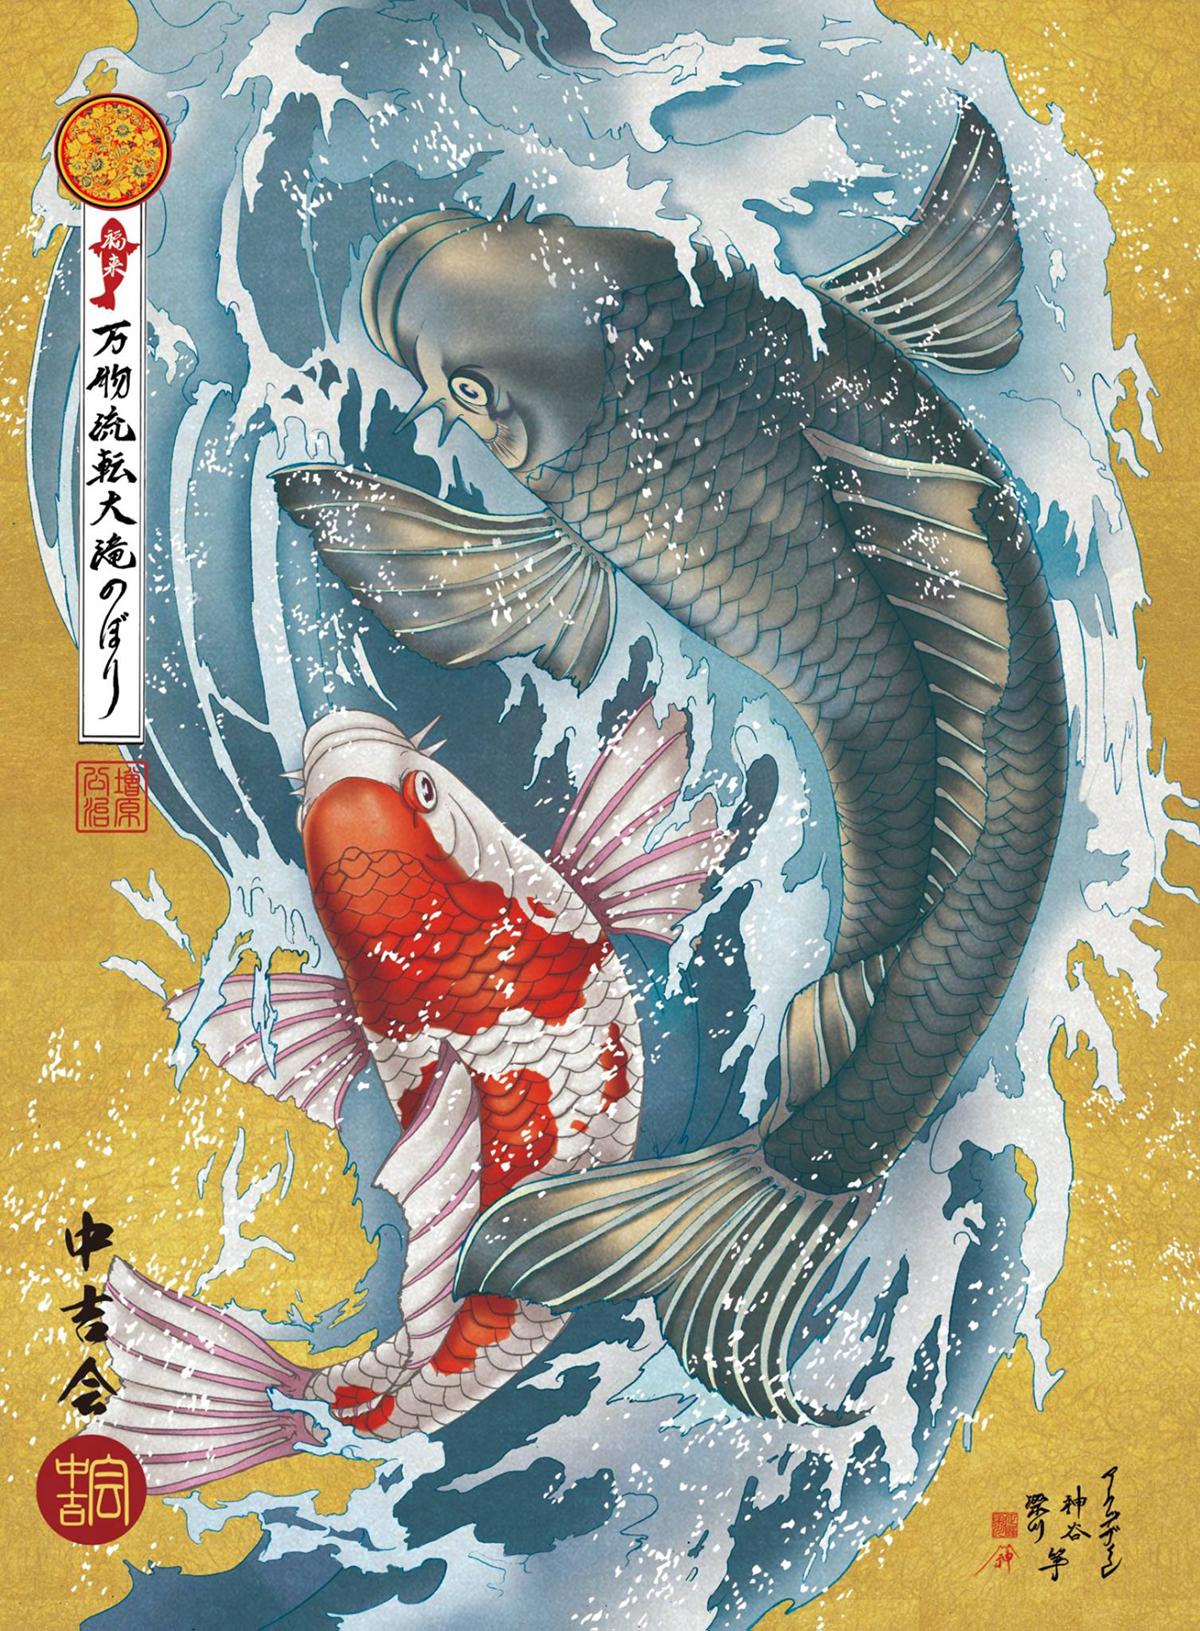 日本画イラスト『鯉のぼり』